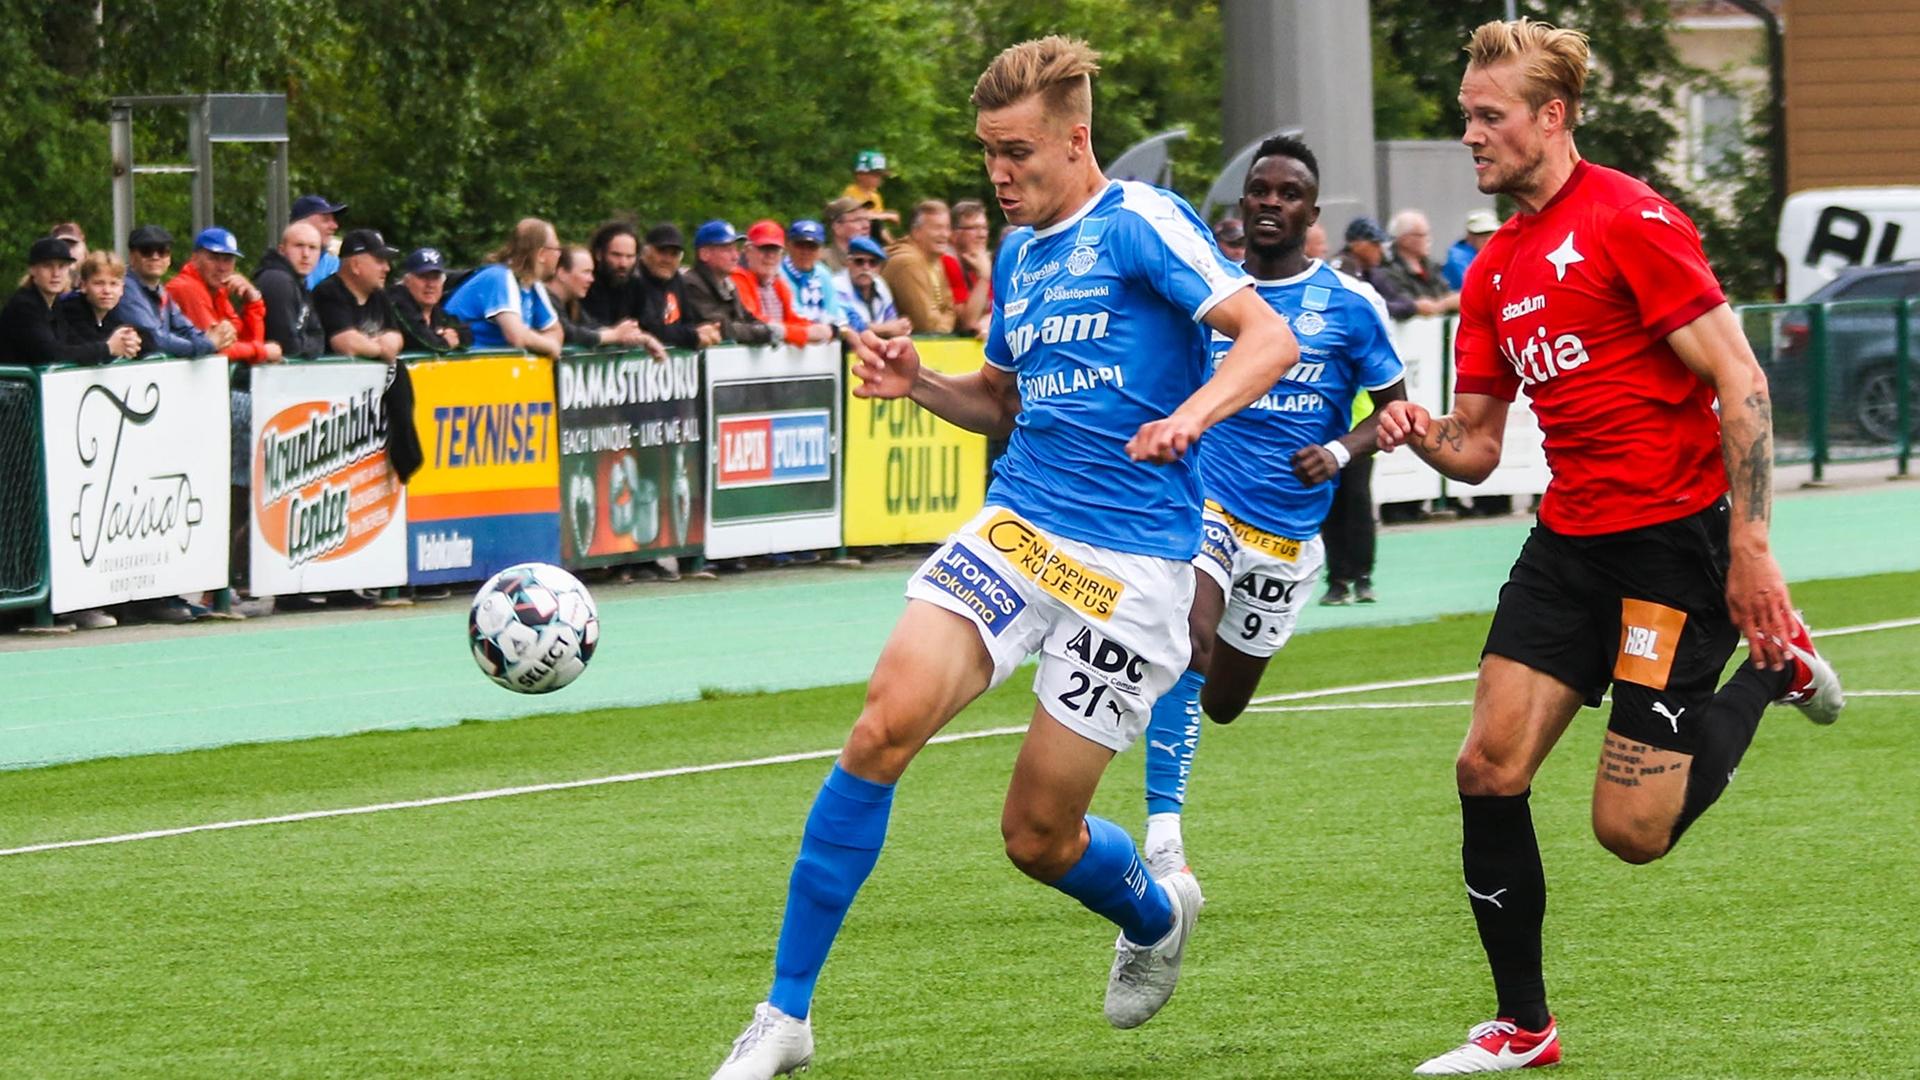 Kunnialla loppuun saakka. Rinta kaarella ja ylpeänä Helsingin IFK:n kimppuun.